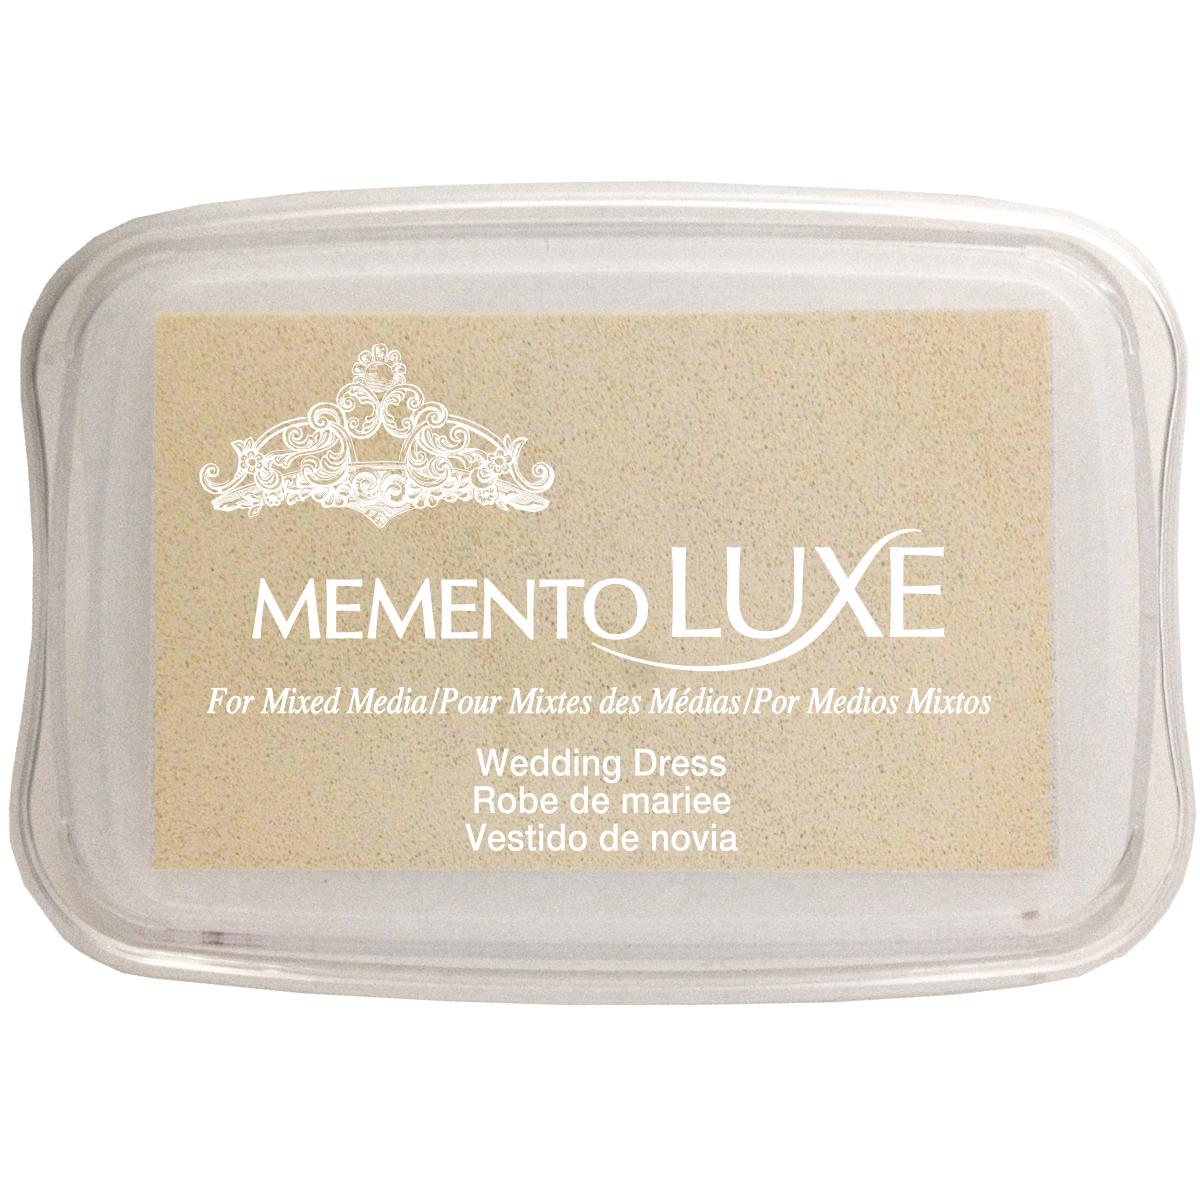 Memento Luxe Ink Pad-Wedding Dress